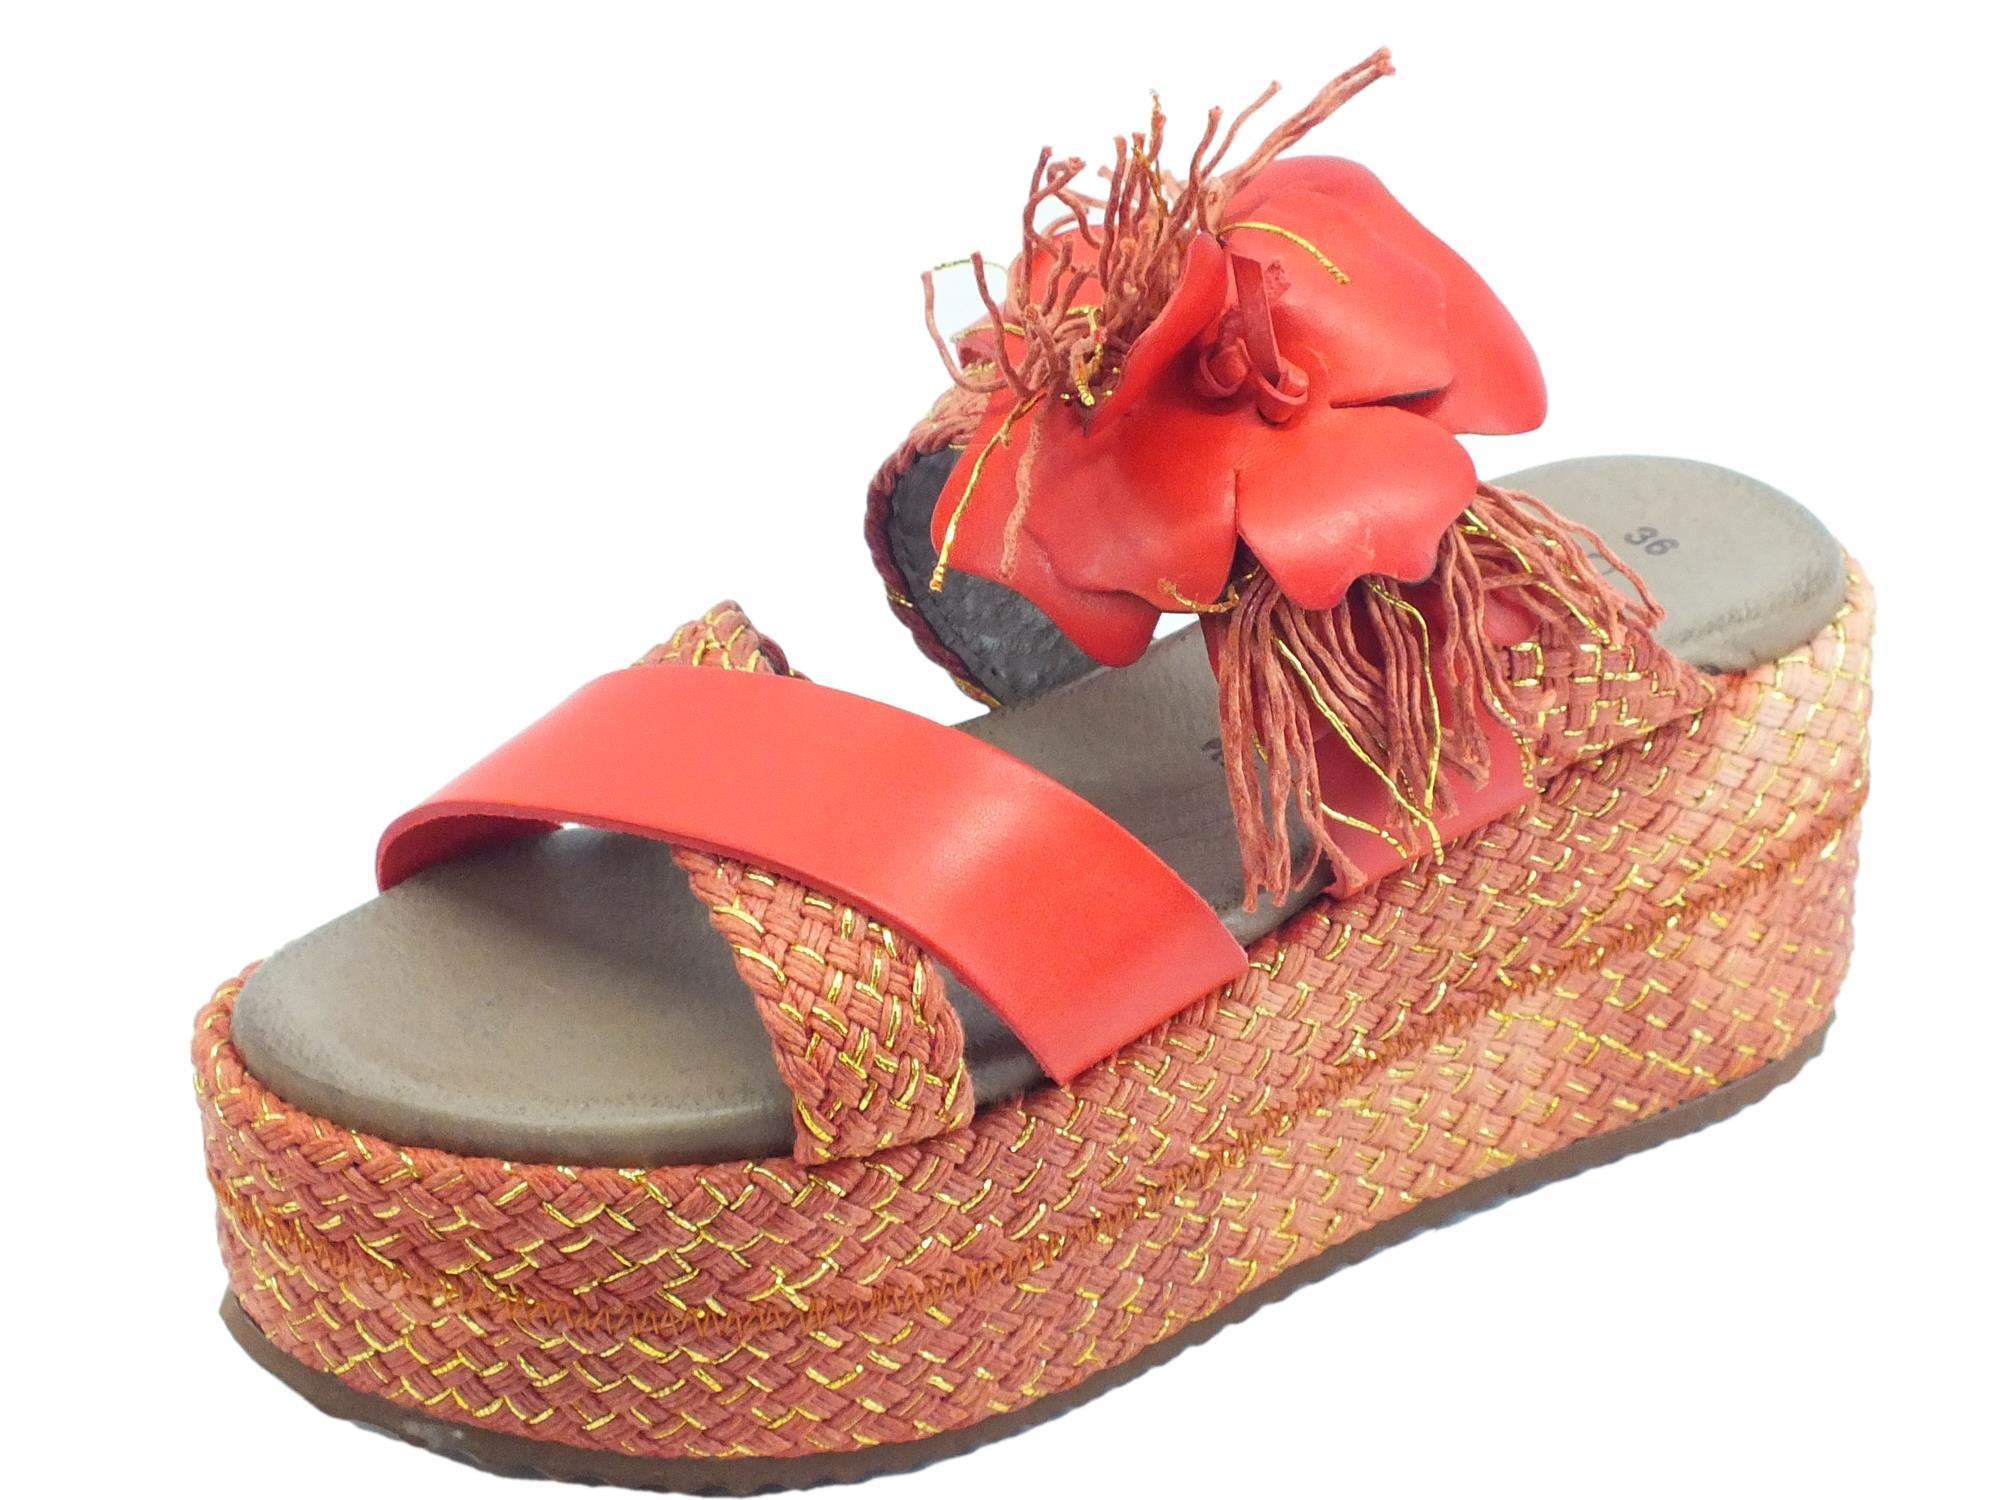 CafèNOIR sandali donna in pelle rossa con zeppa alta in corda rossa e oro